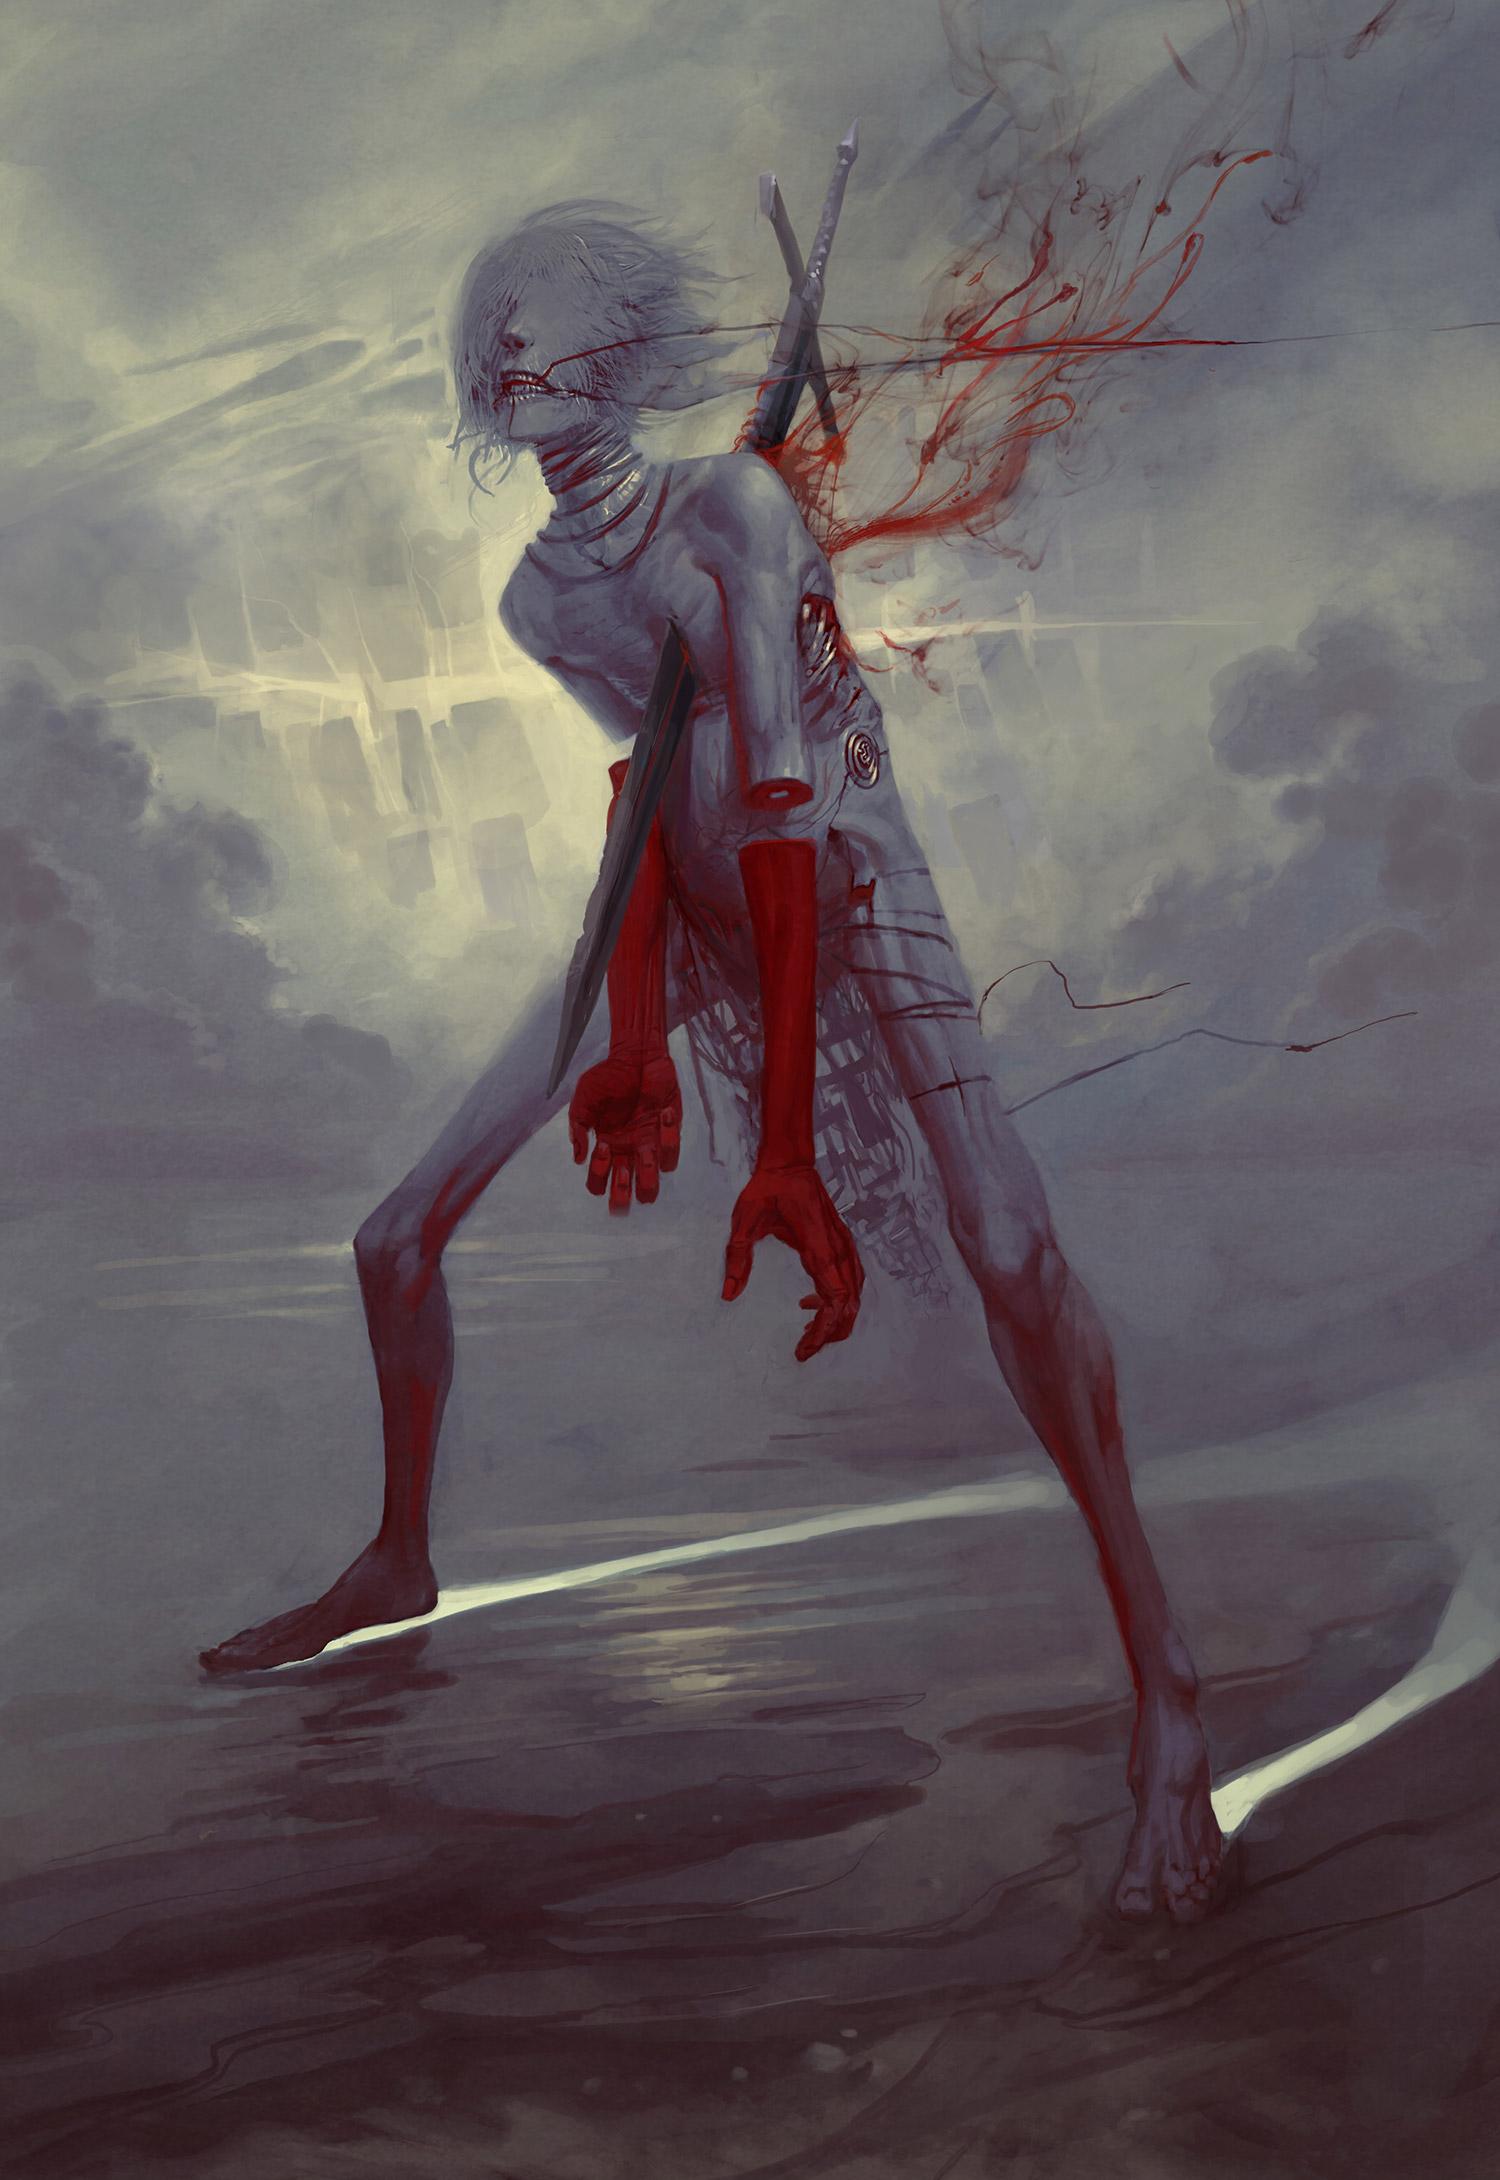 Peter Mohrbacher, Angelarium - Af, Angel of Anger